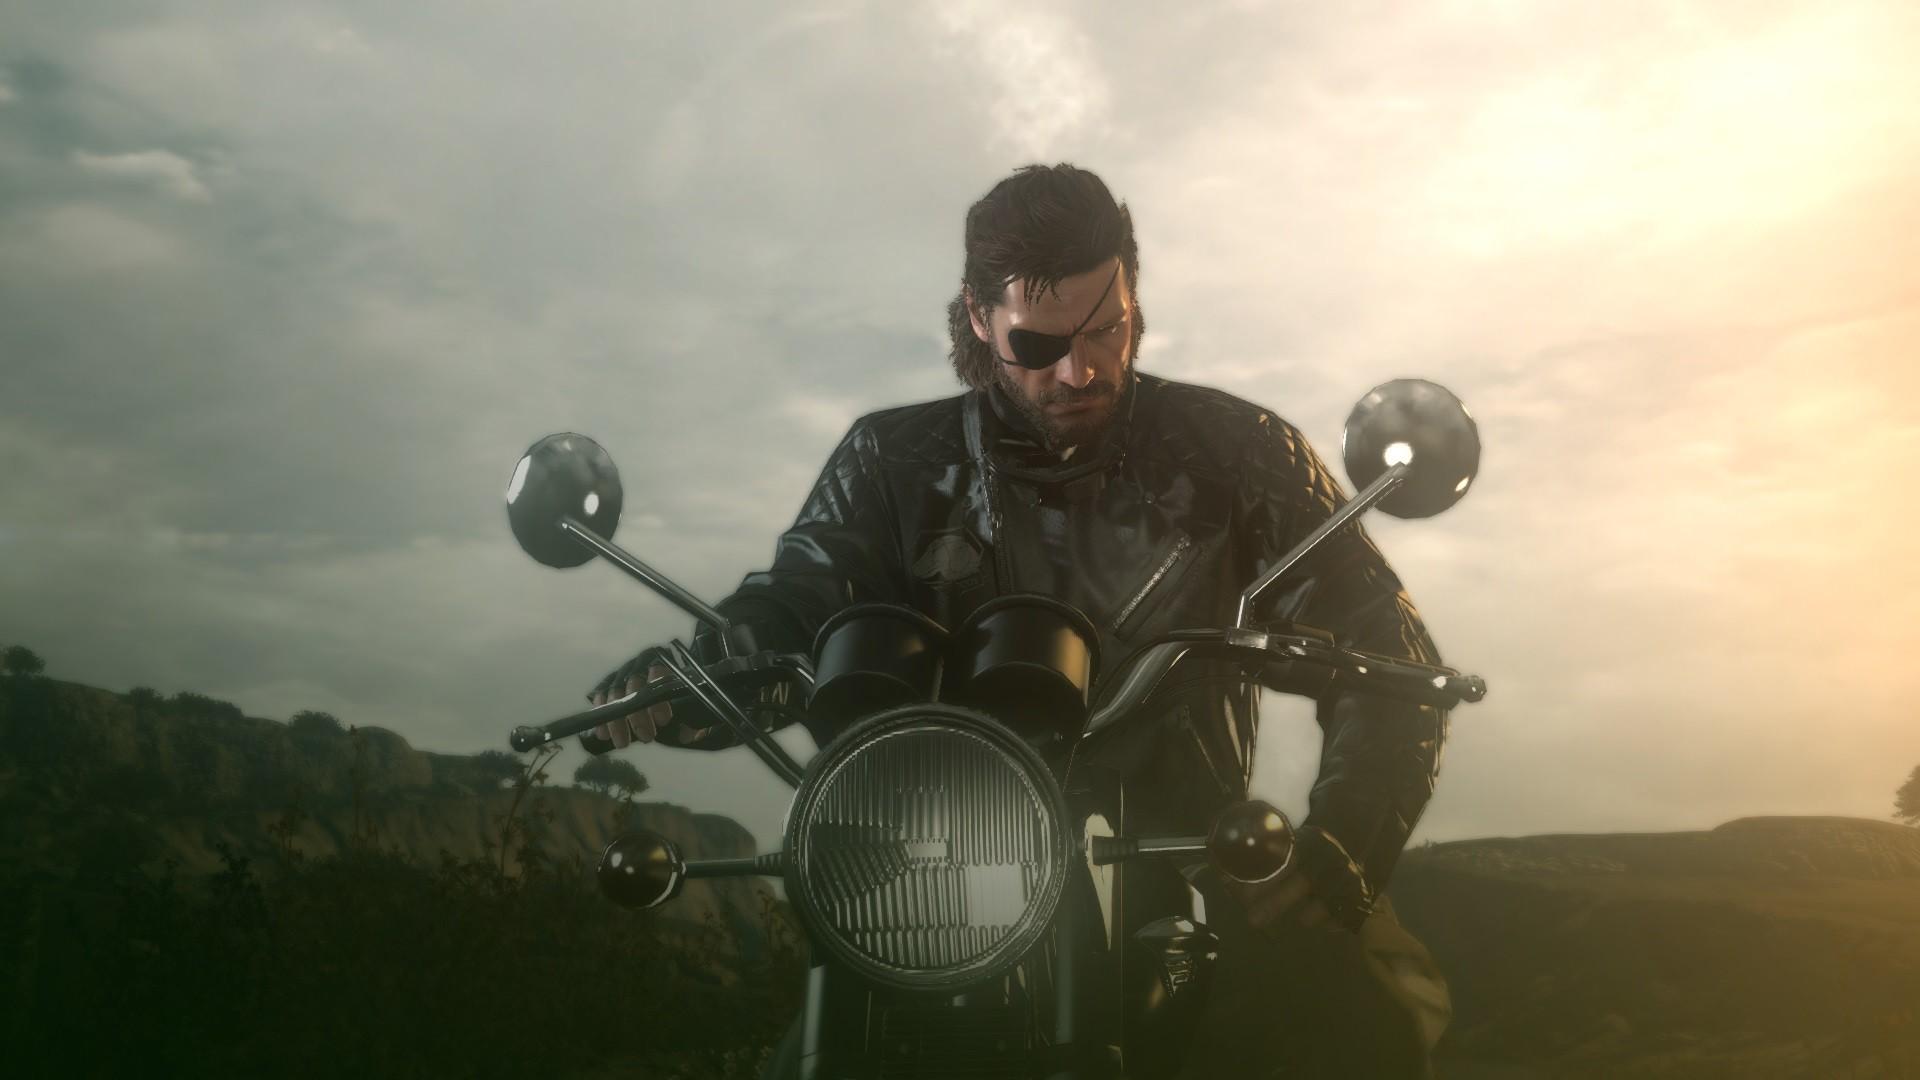 wallpaper : motorcycle, vehicle, metal gear solid, metal gear solid